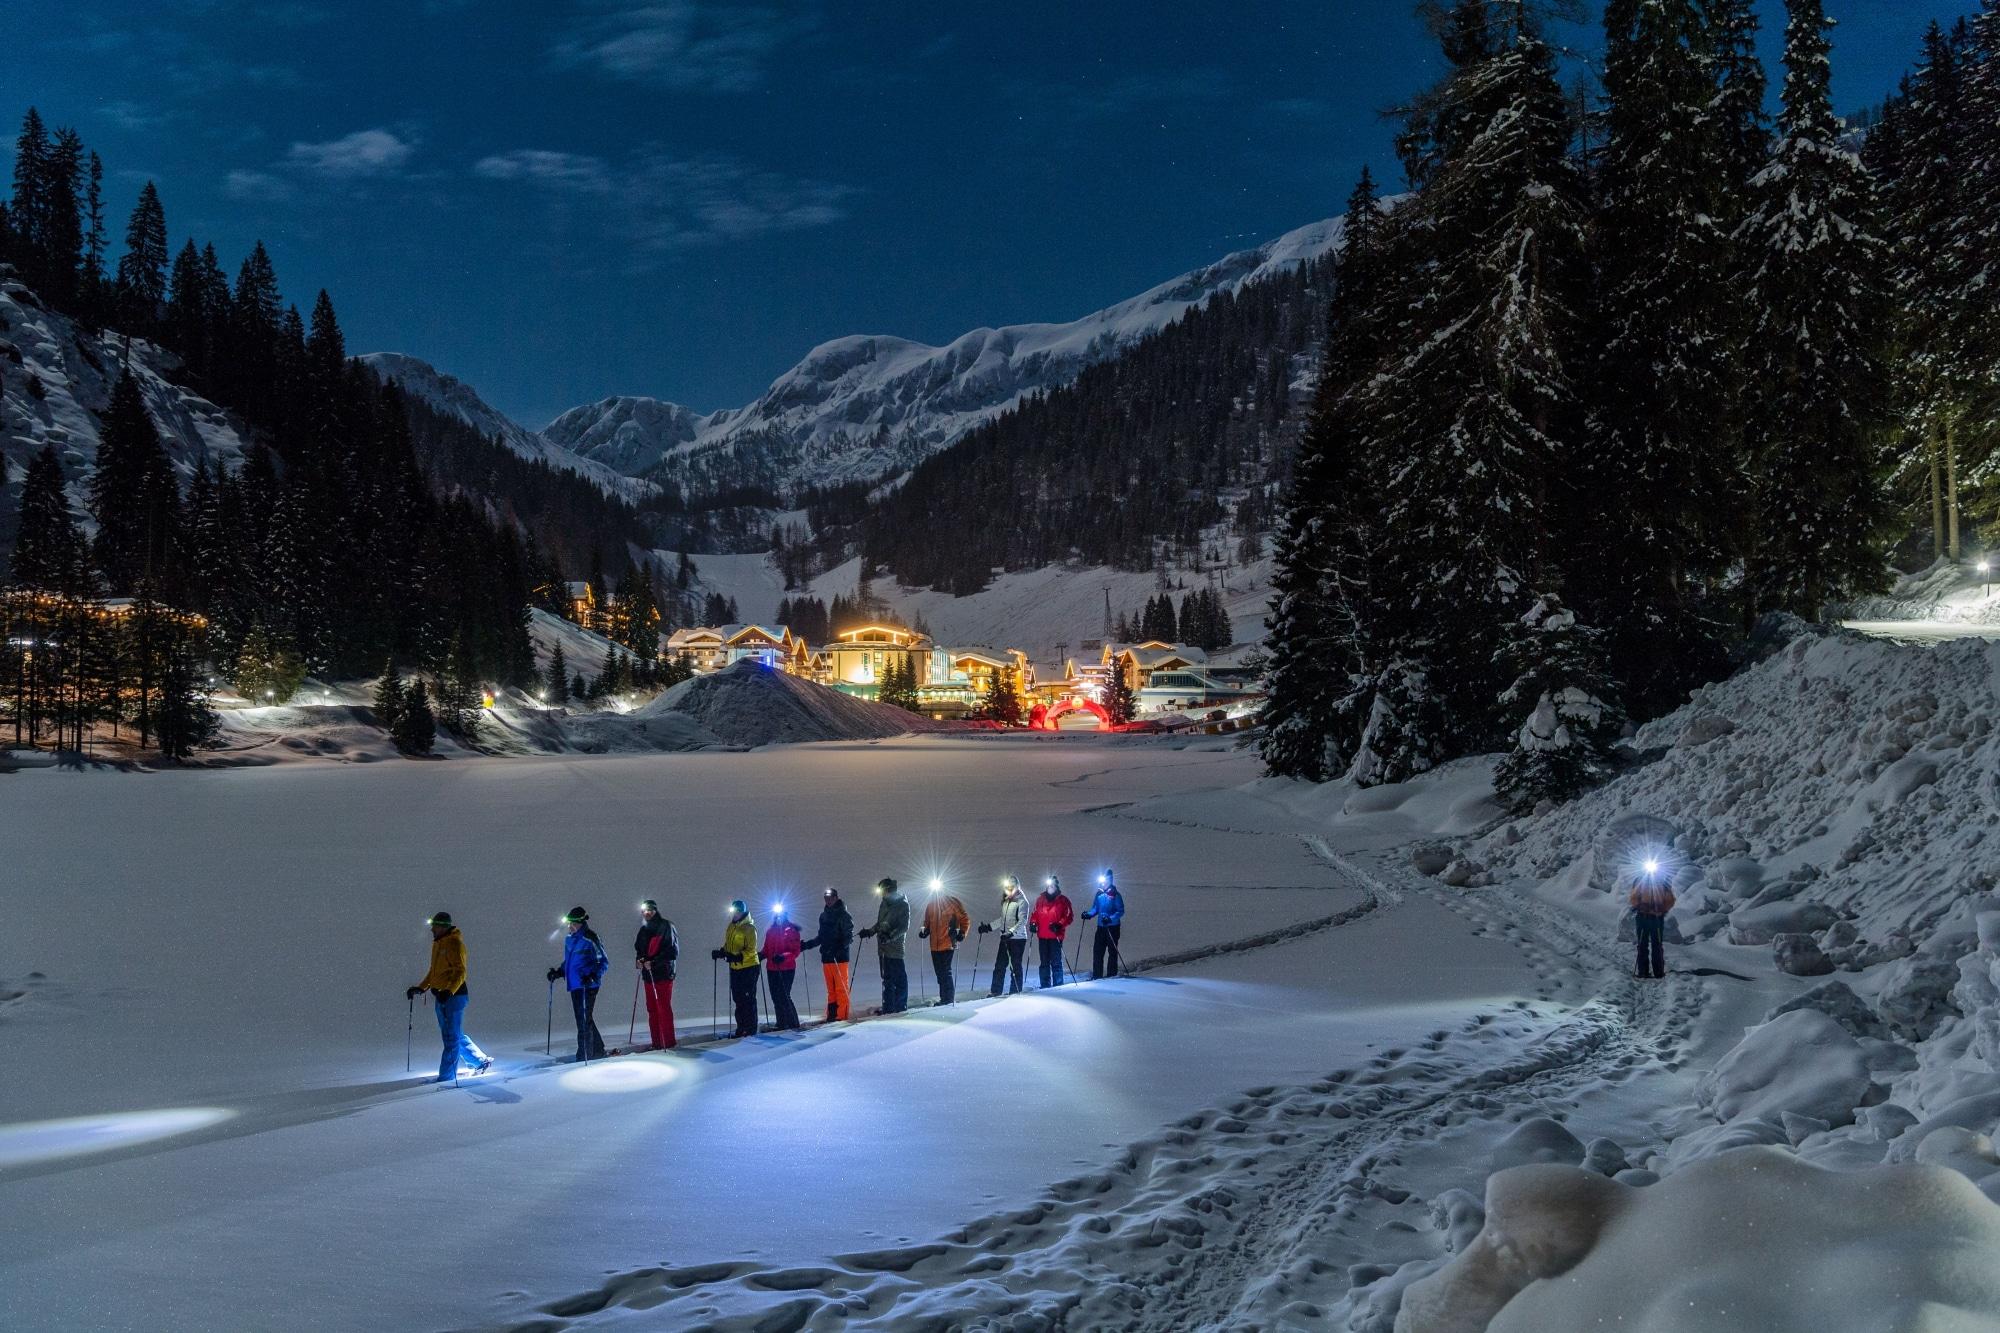 Nacht-Langlaufen in Zauchensee